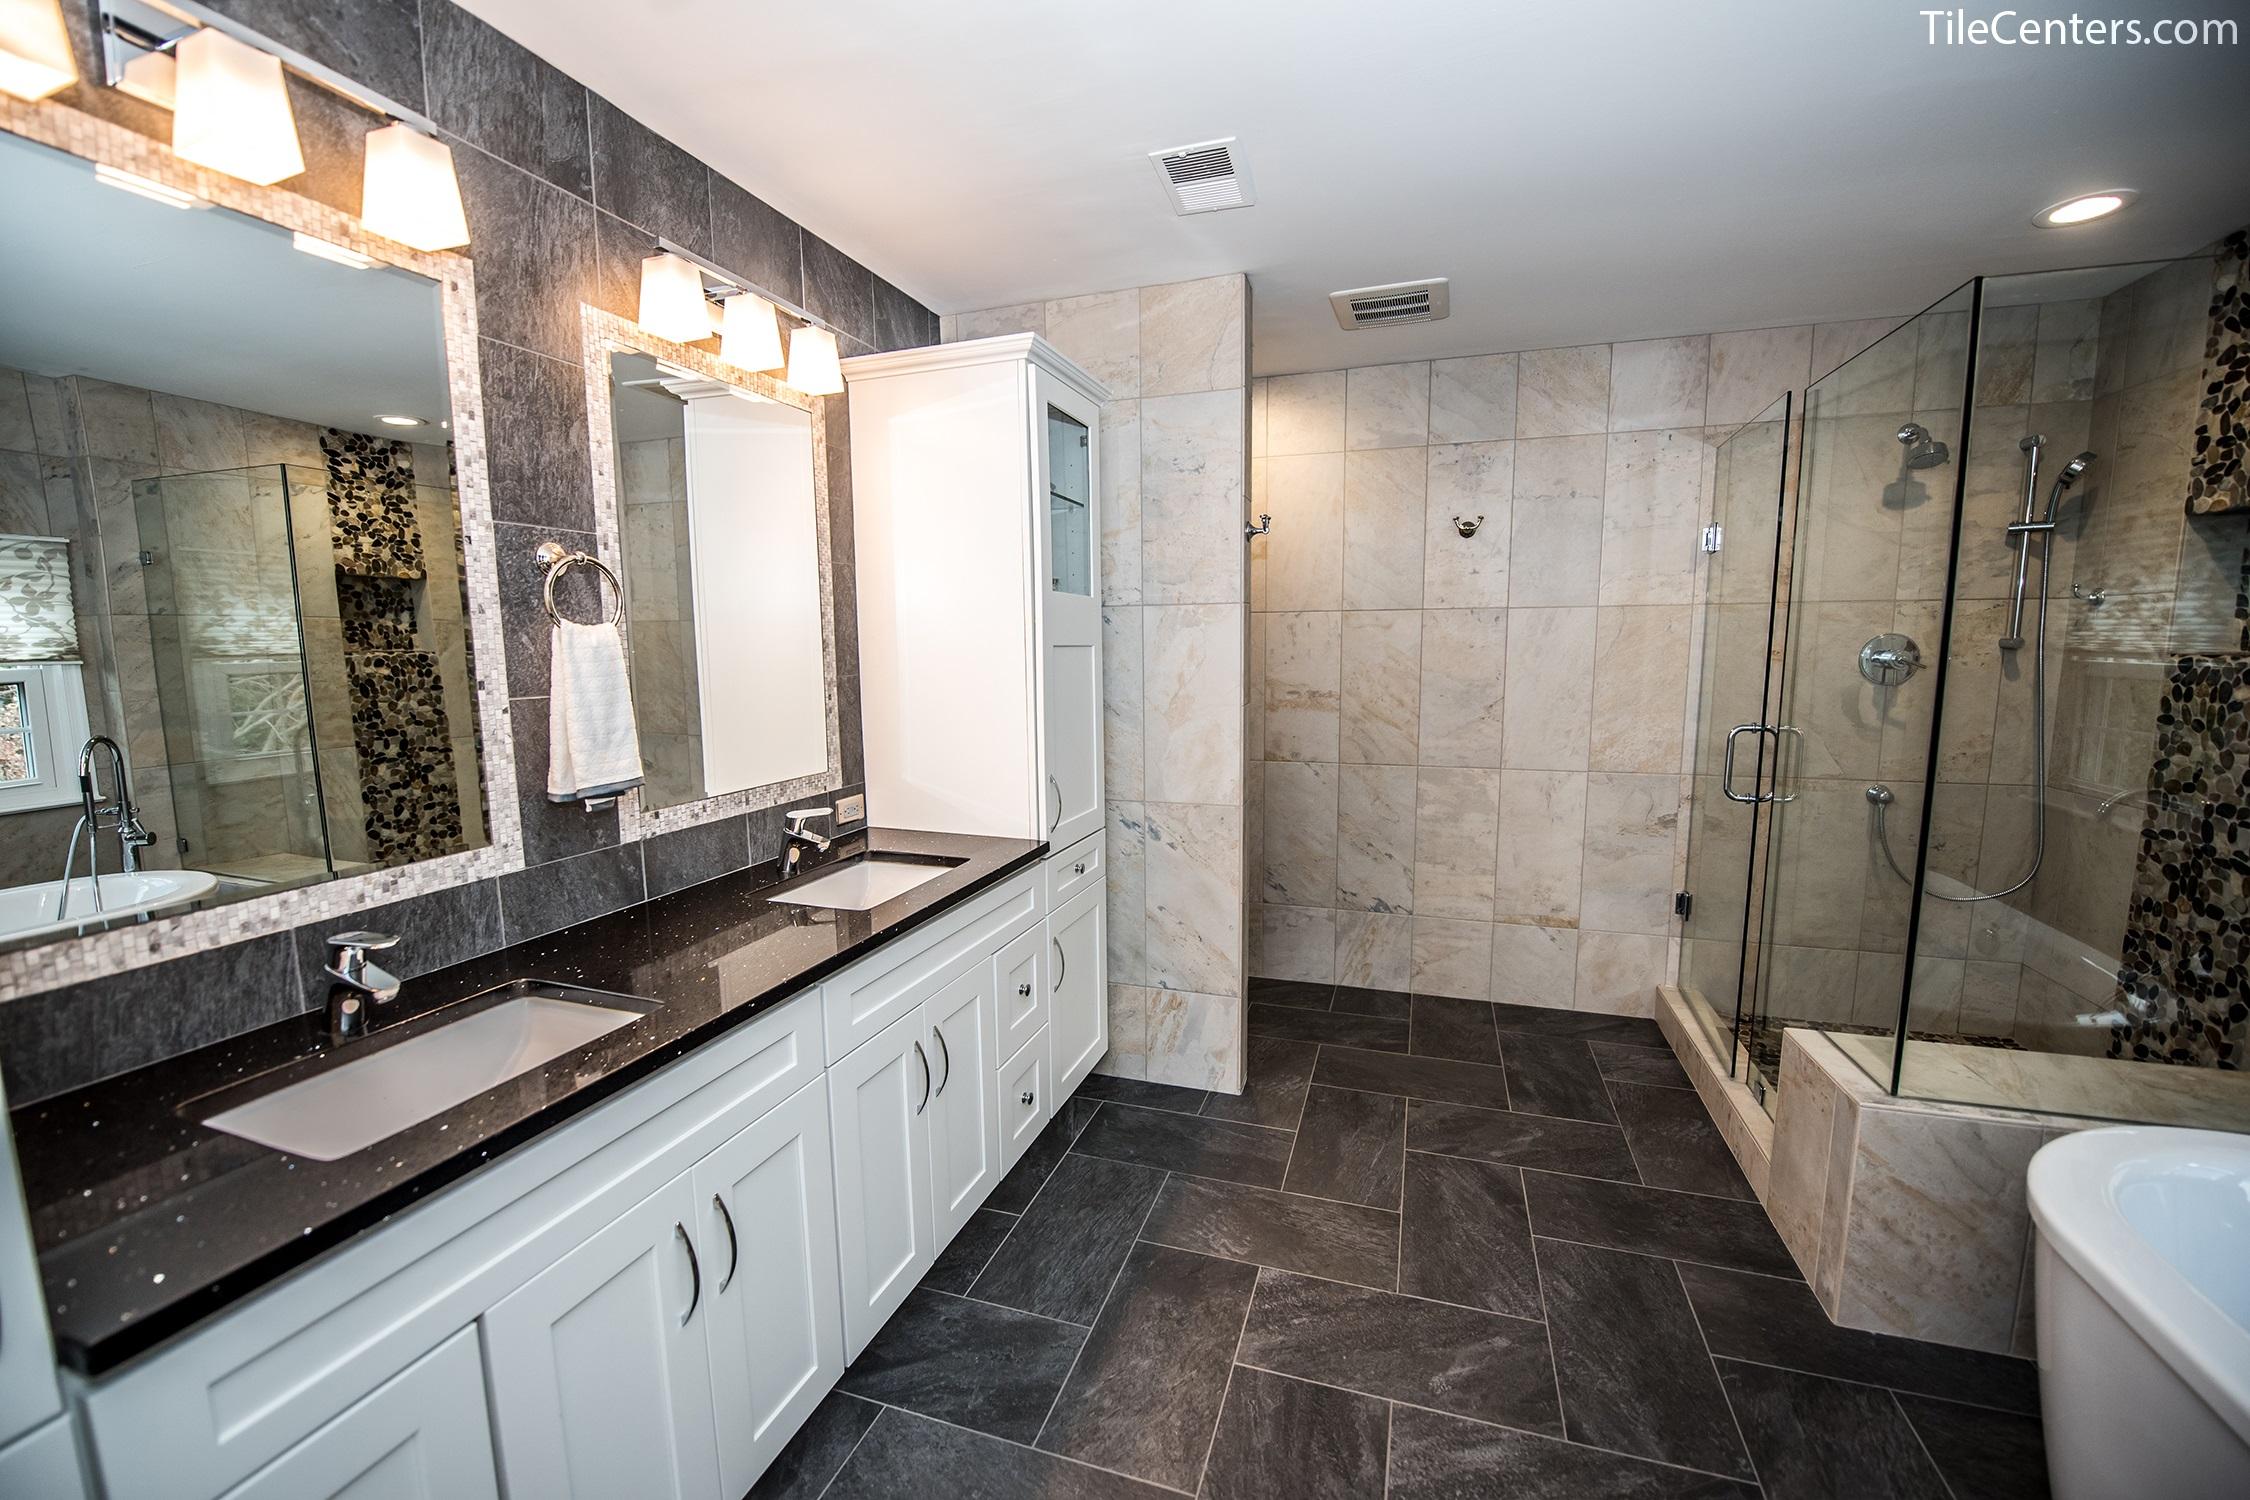 Bathroom morning star germantown md 20876 tile center - Bathroom remodeling gaithersburg md ...